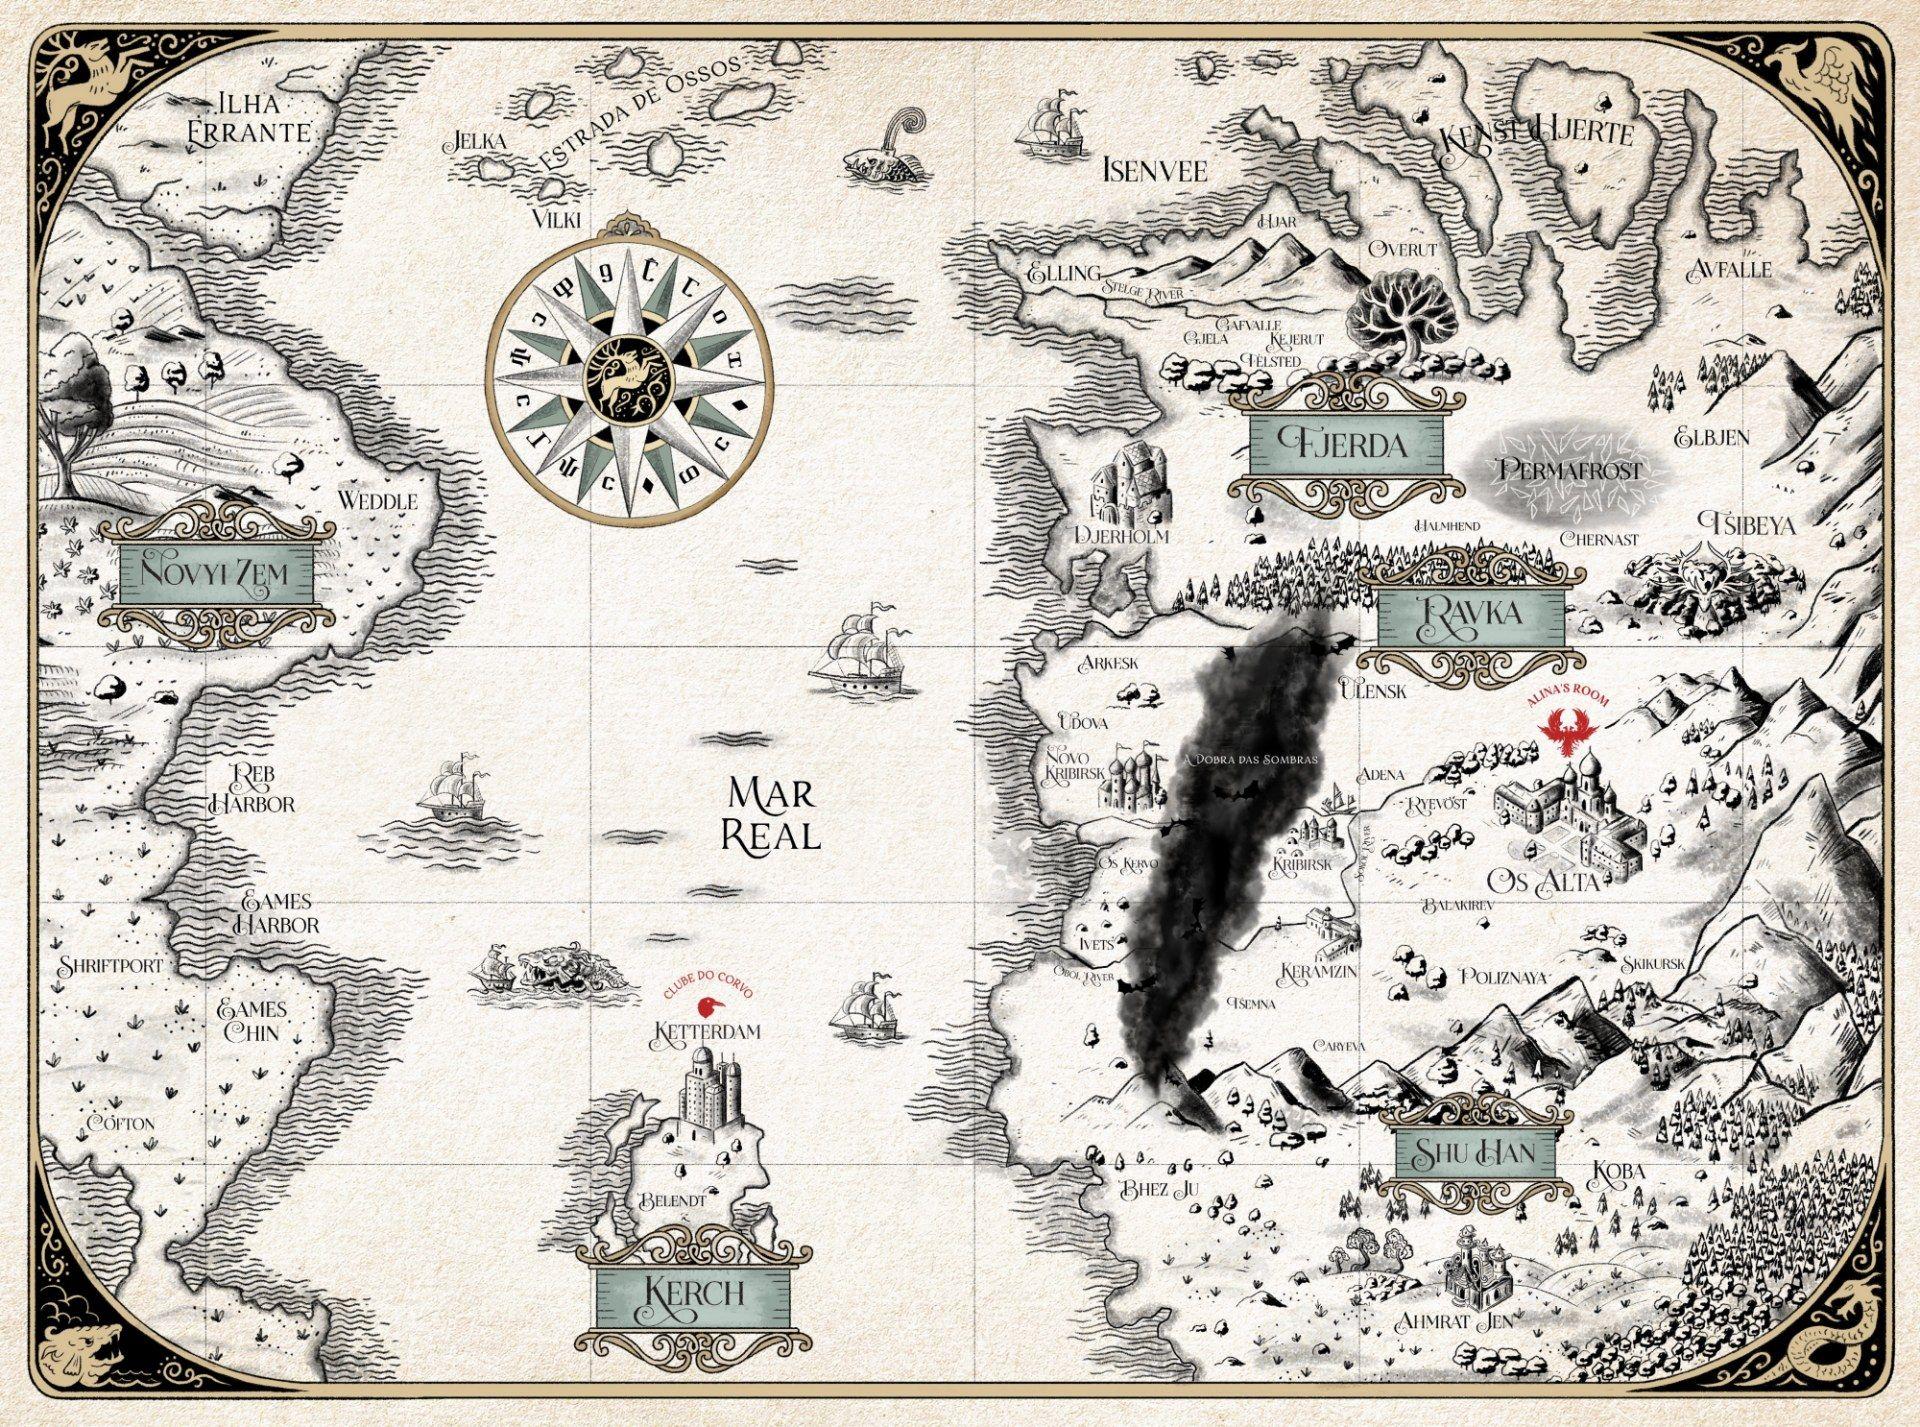 A Netflix publicou um mapa do território de Ravka e dos países vizinhos (Foto: Twitter @NetflixBrasil)